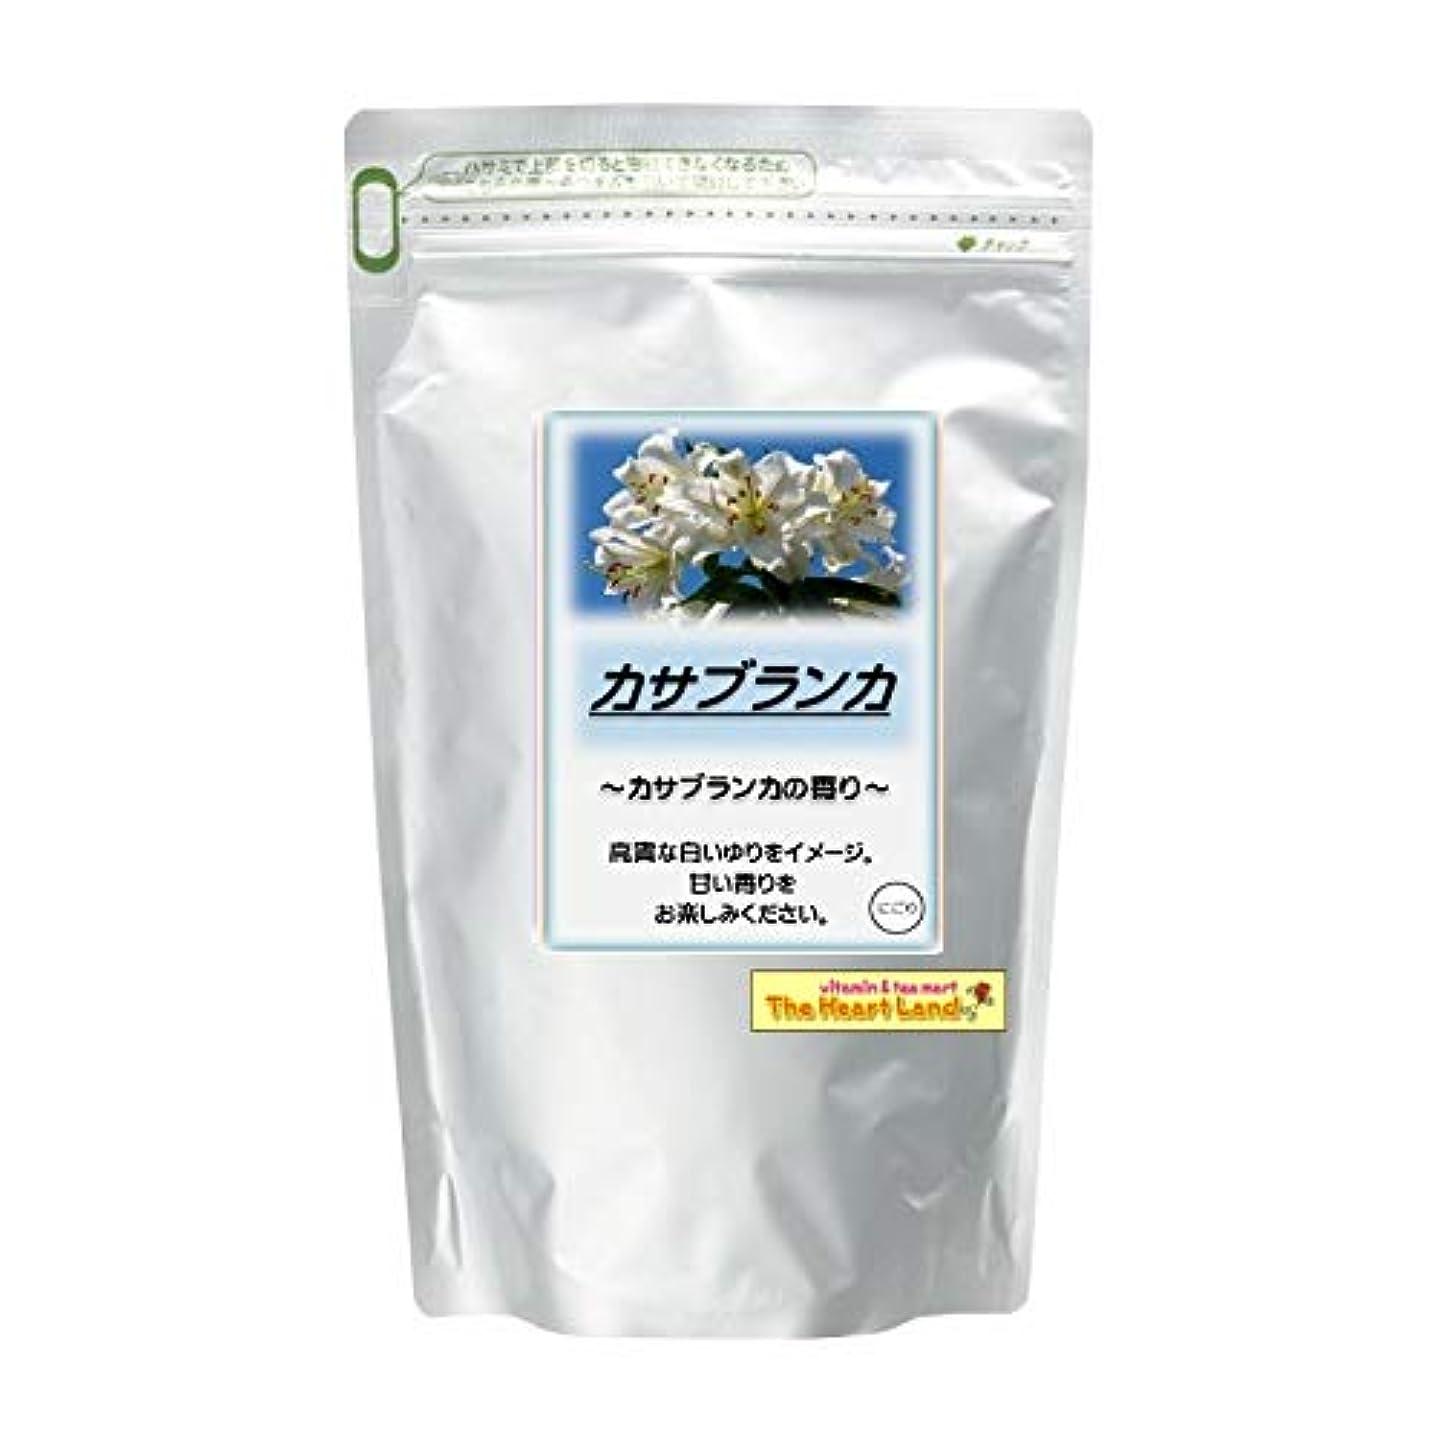 規範それぞれ染料アサヒ入浴剤 浴用入浴化粧品 カサブランカ 300g